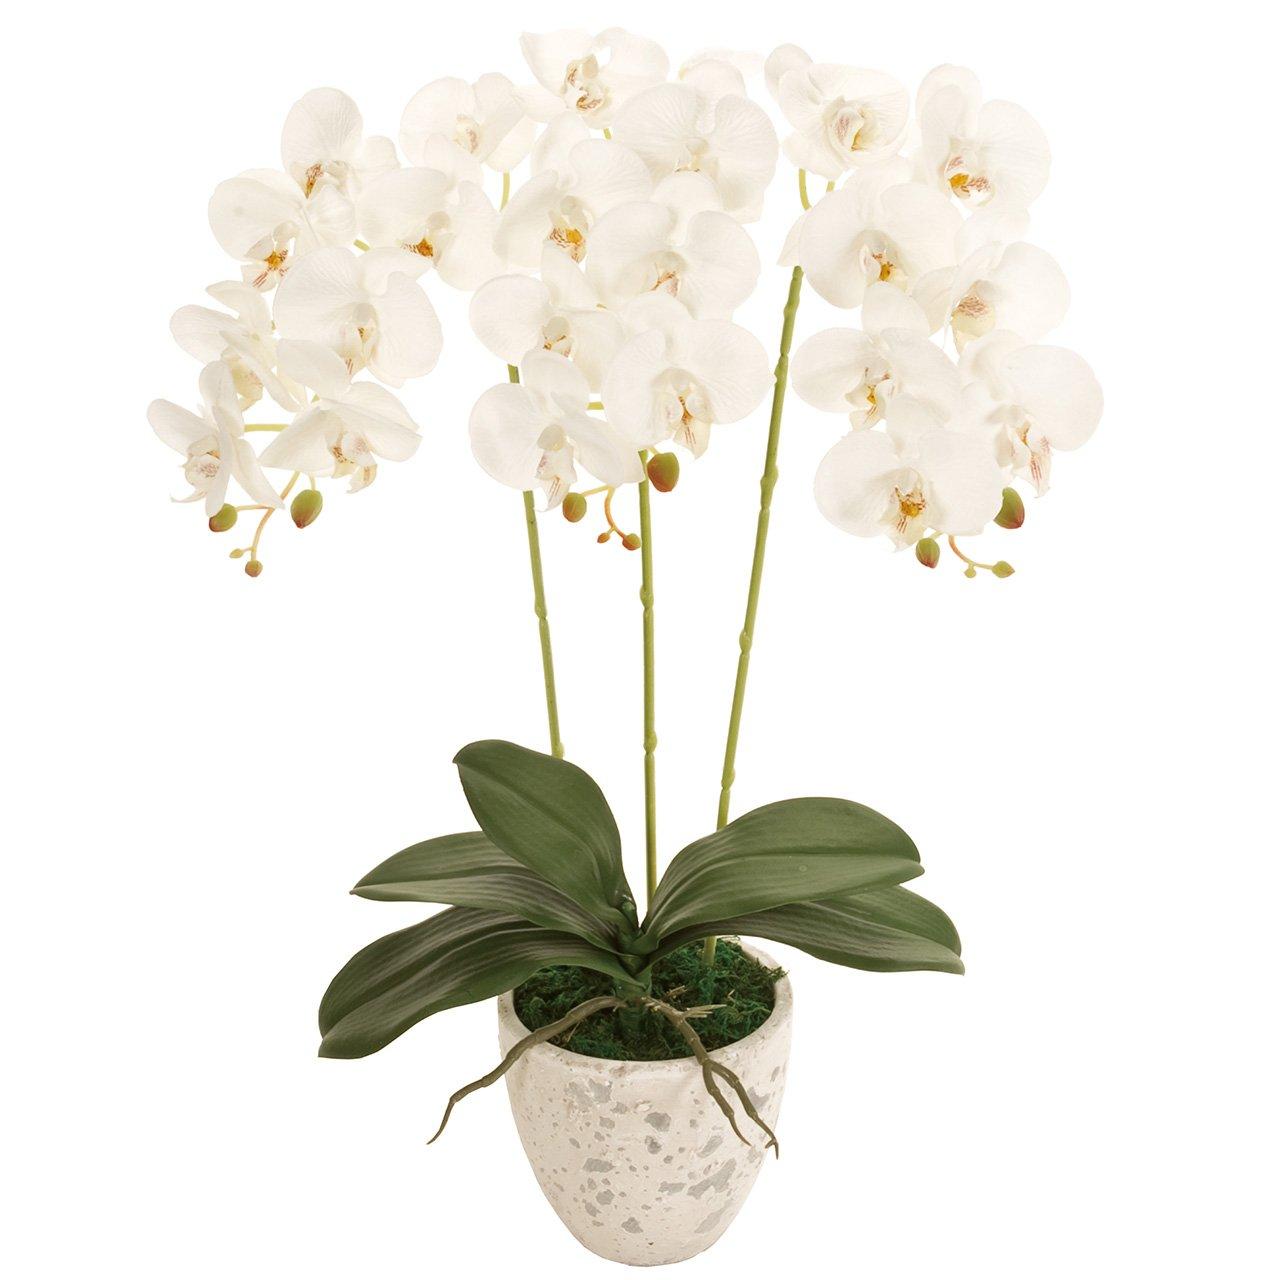 MAGIQ 東京堂 上質な造花 ピュアオーキッド3本立て 光触媒 #ホワイト ZV008080-001 B07B4HSTJC ホワイト ホワイト